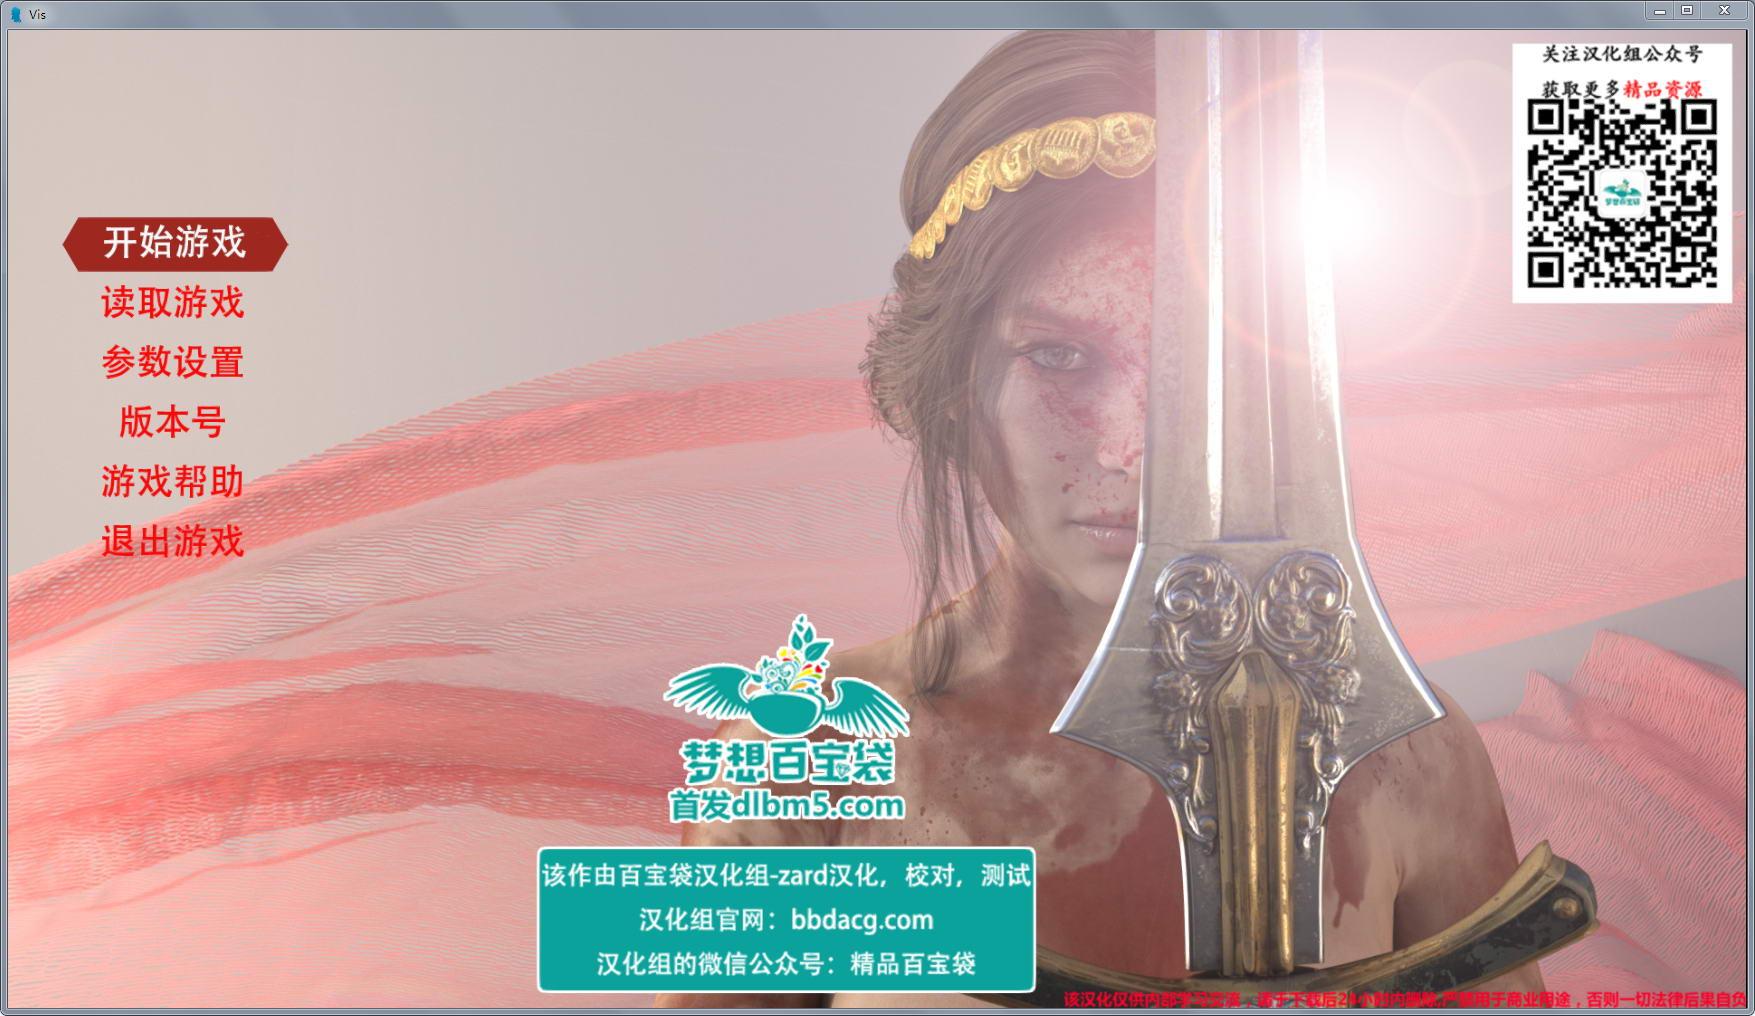 【游戏】王子的奇幻冒险Vis V0.601 汉化版【更新/PC+安卓】【3G】